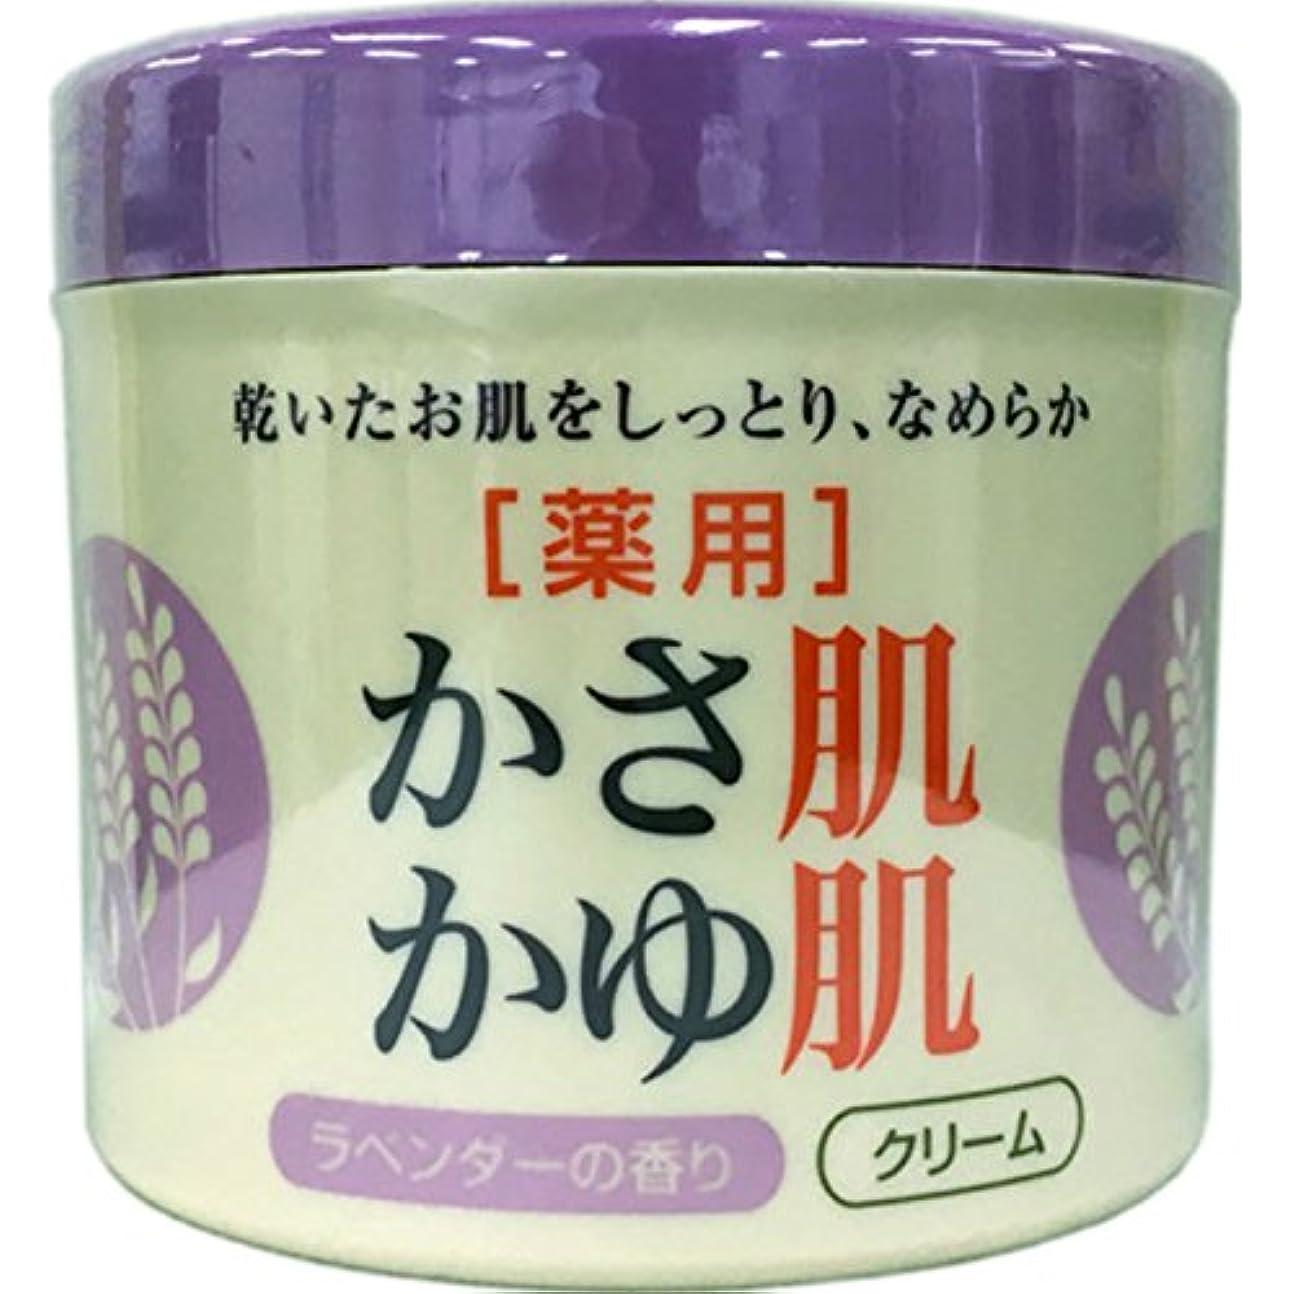 乳製品アフリカ人おしゃれなヒラマツ商事 薬用かさ肌かゆ肌ミルキークリーム ラベンダー 280g (医薬部外品)